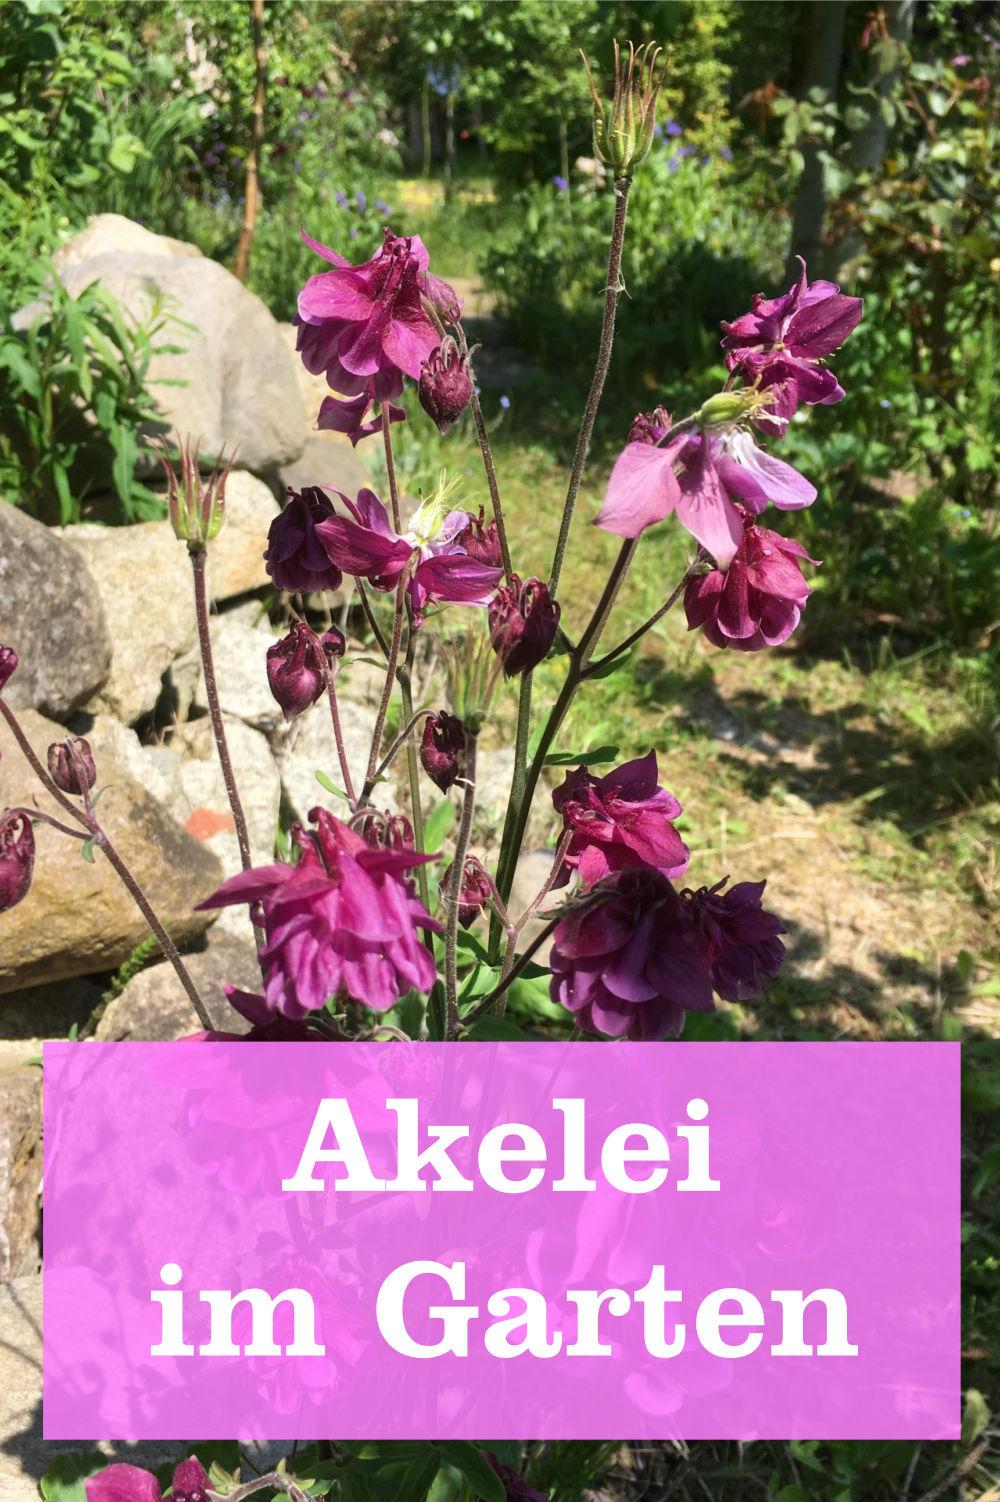 Akelei im Garten